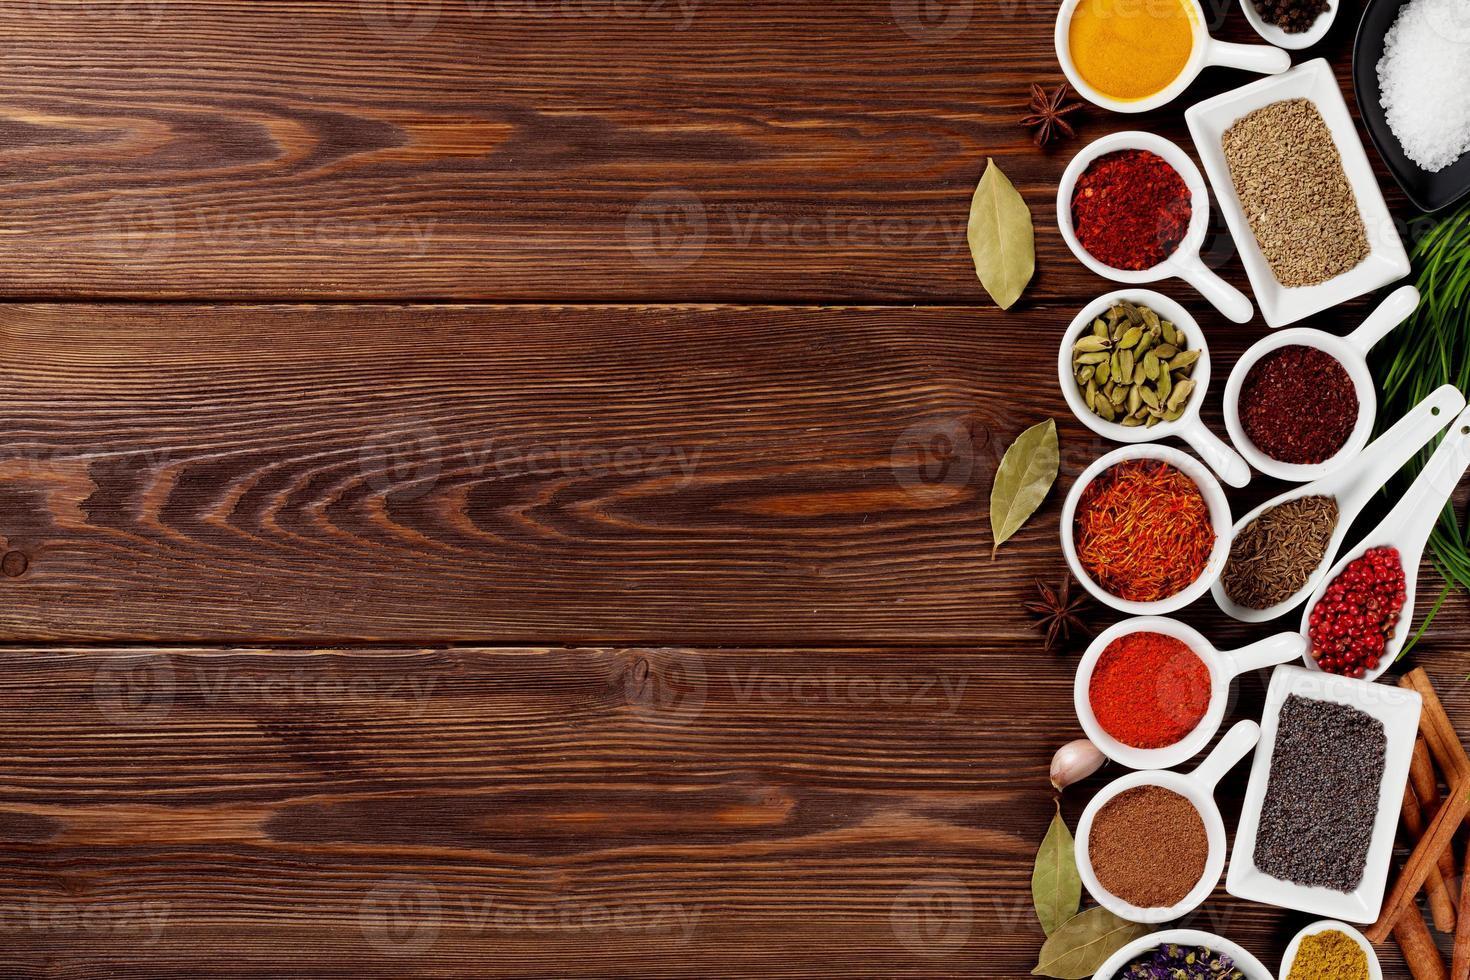 diverses épices sur fond de bois photo